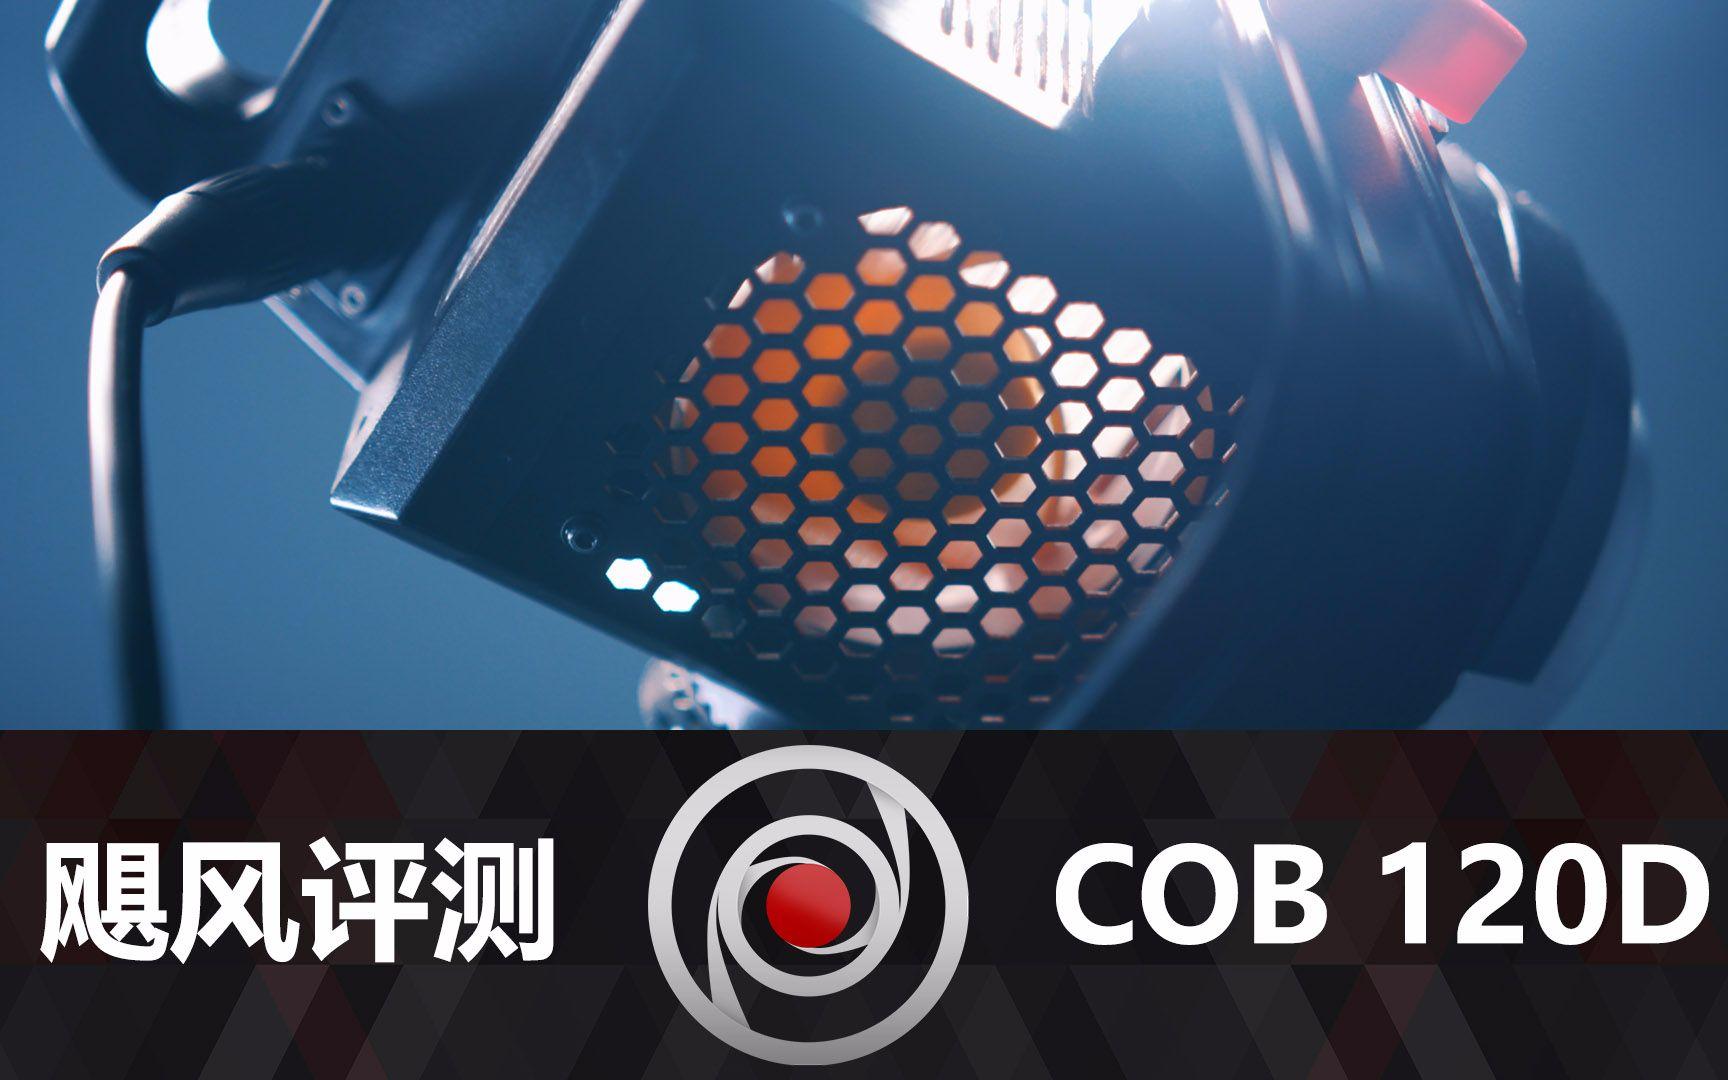 最爱的影视灯——COB 120D_哔哩哔哩 (゜-゜)つロ 干杯~-bilibili